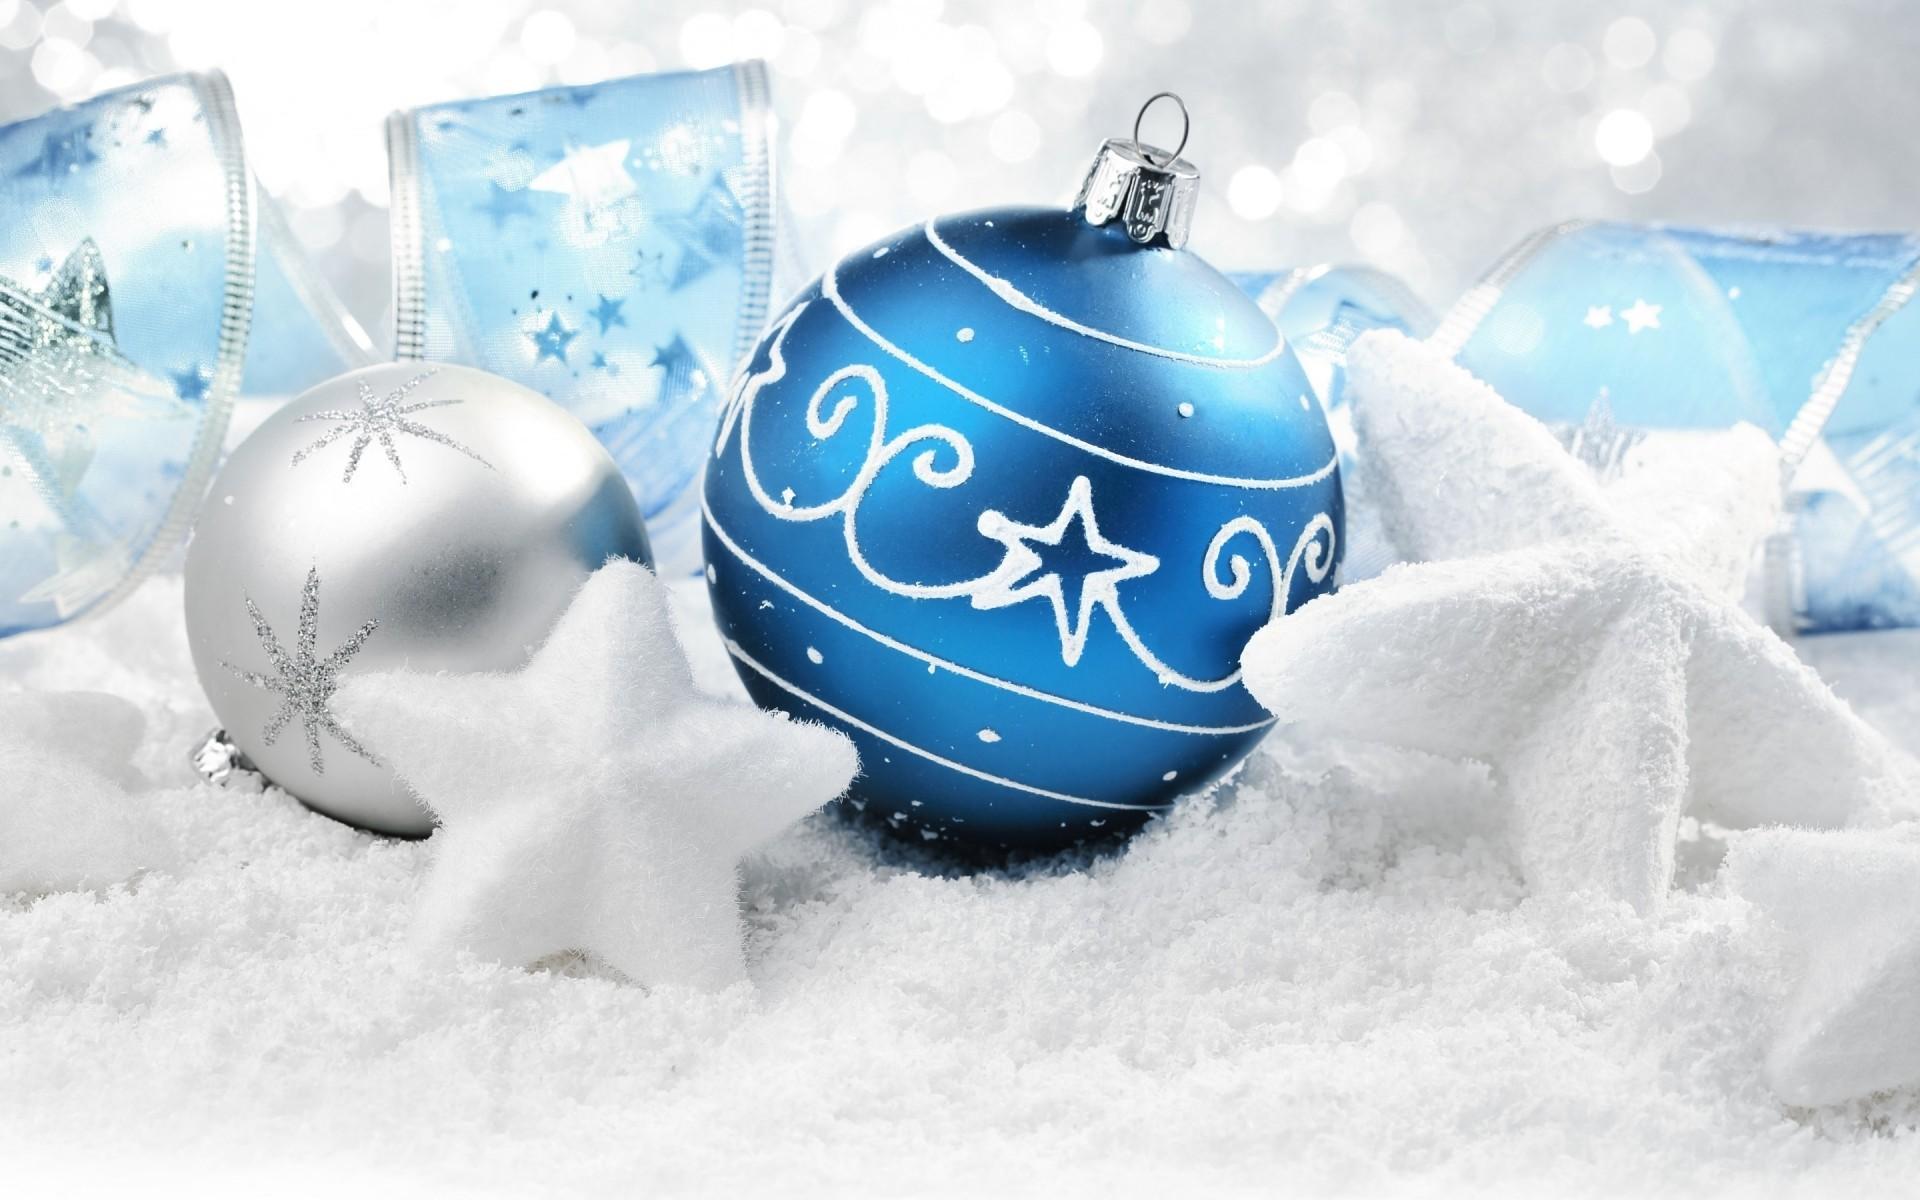 новогодние темы обои на рабочий стол № 579629 бесплатно